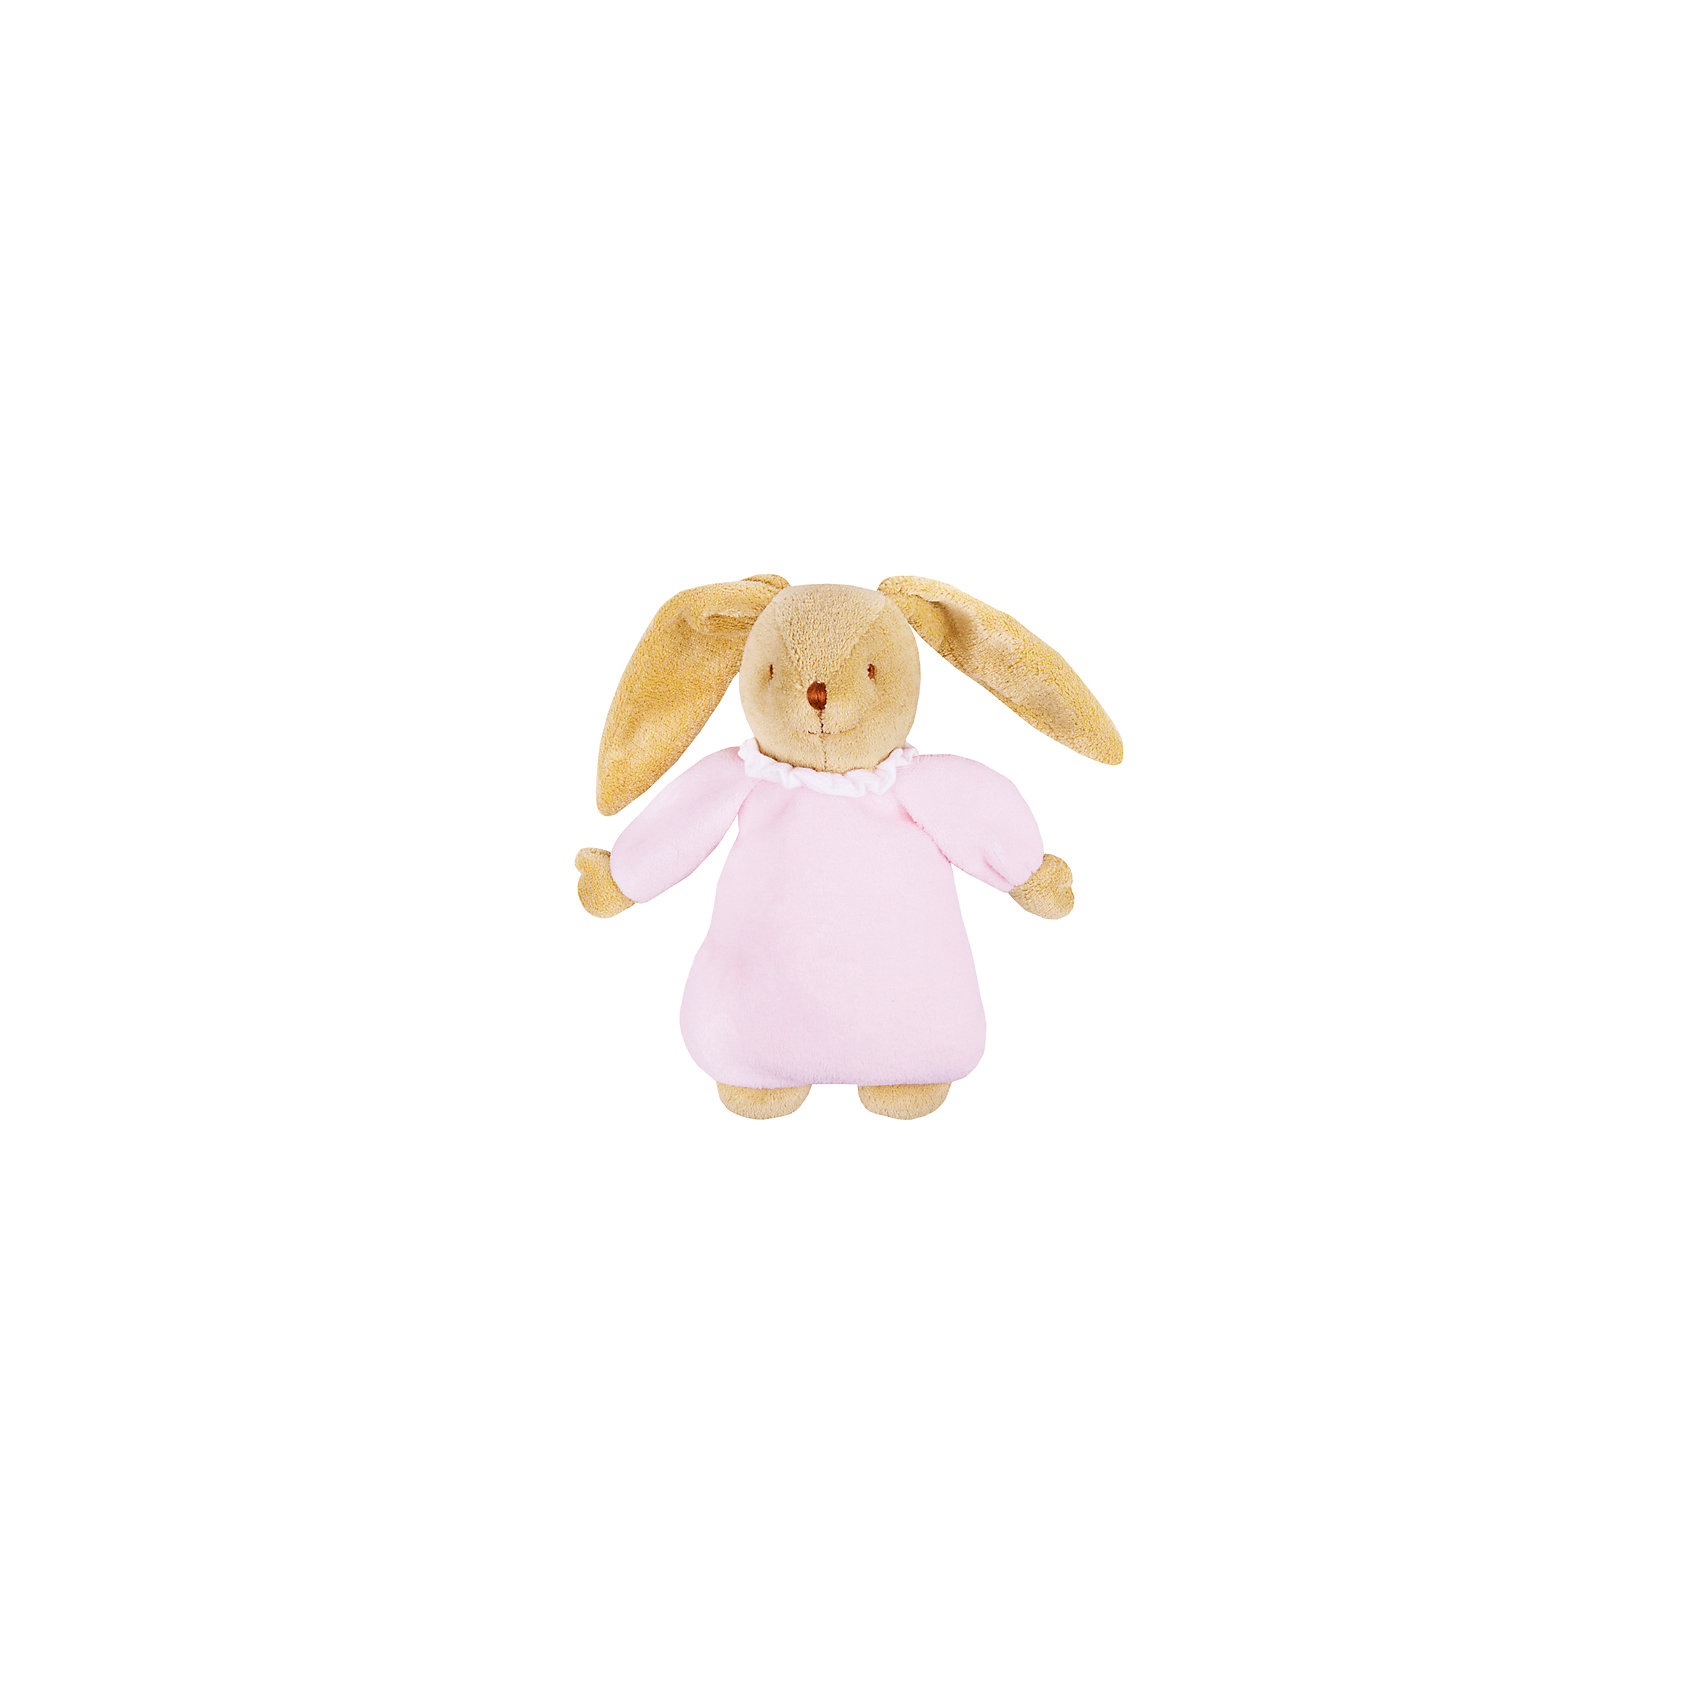 TROUSSELIER Мягкая игрушка Зайка с музыкой, розовый, 25см, Trousselier trousselier мягкая игрушка зайка с музыкой розовый 25см trousselier page 2